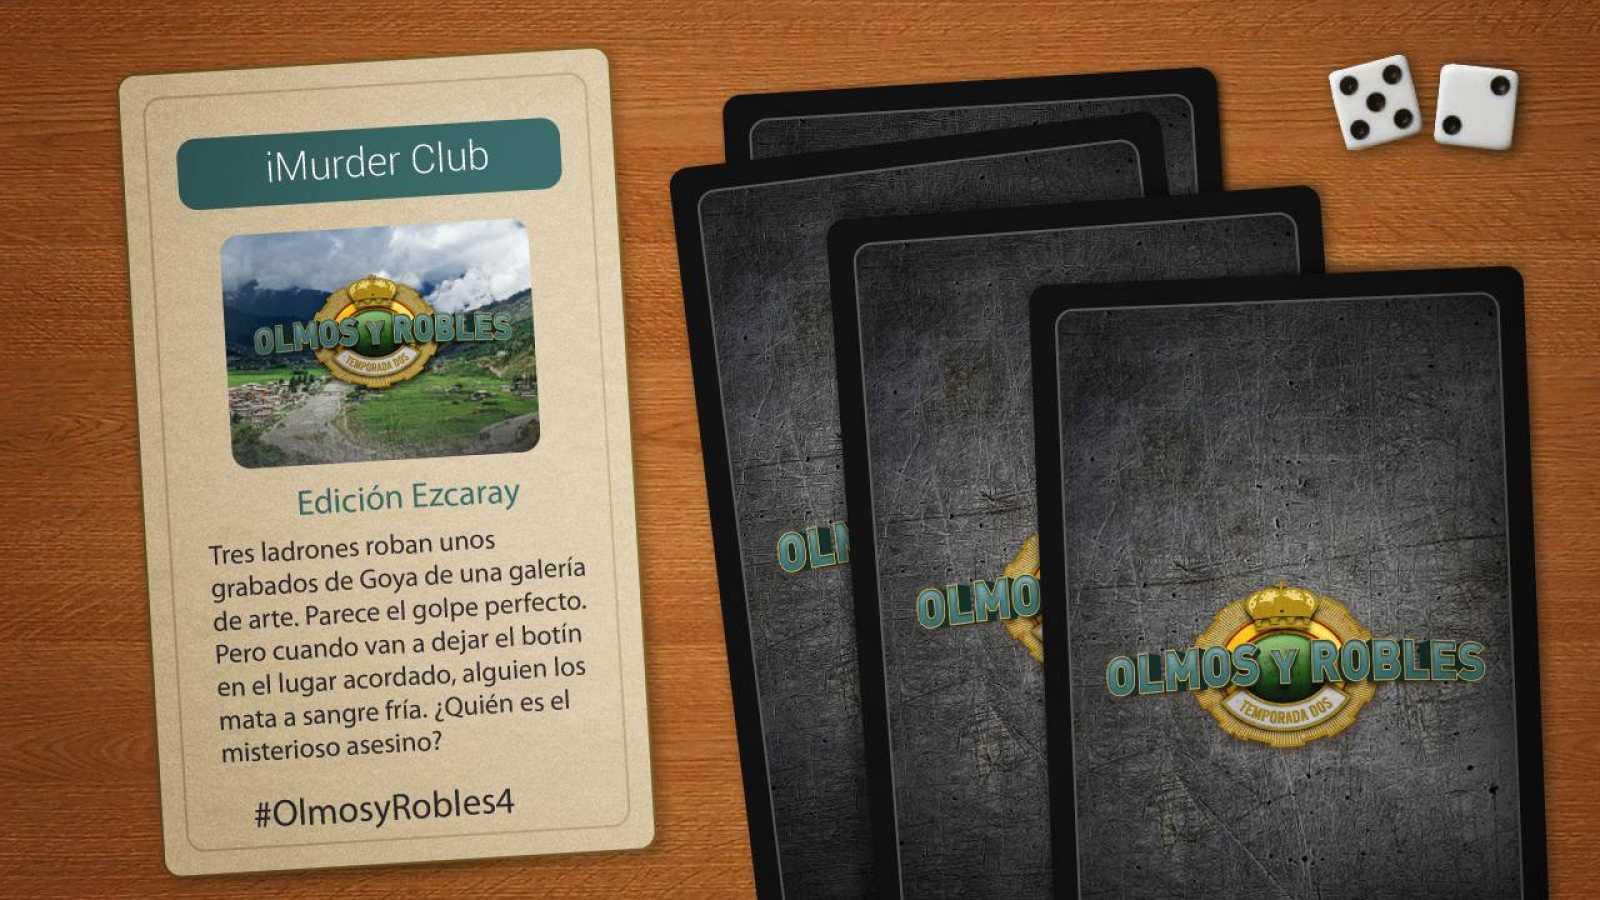 Resuelve el crimen de esta semana en el iMurder Club